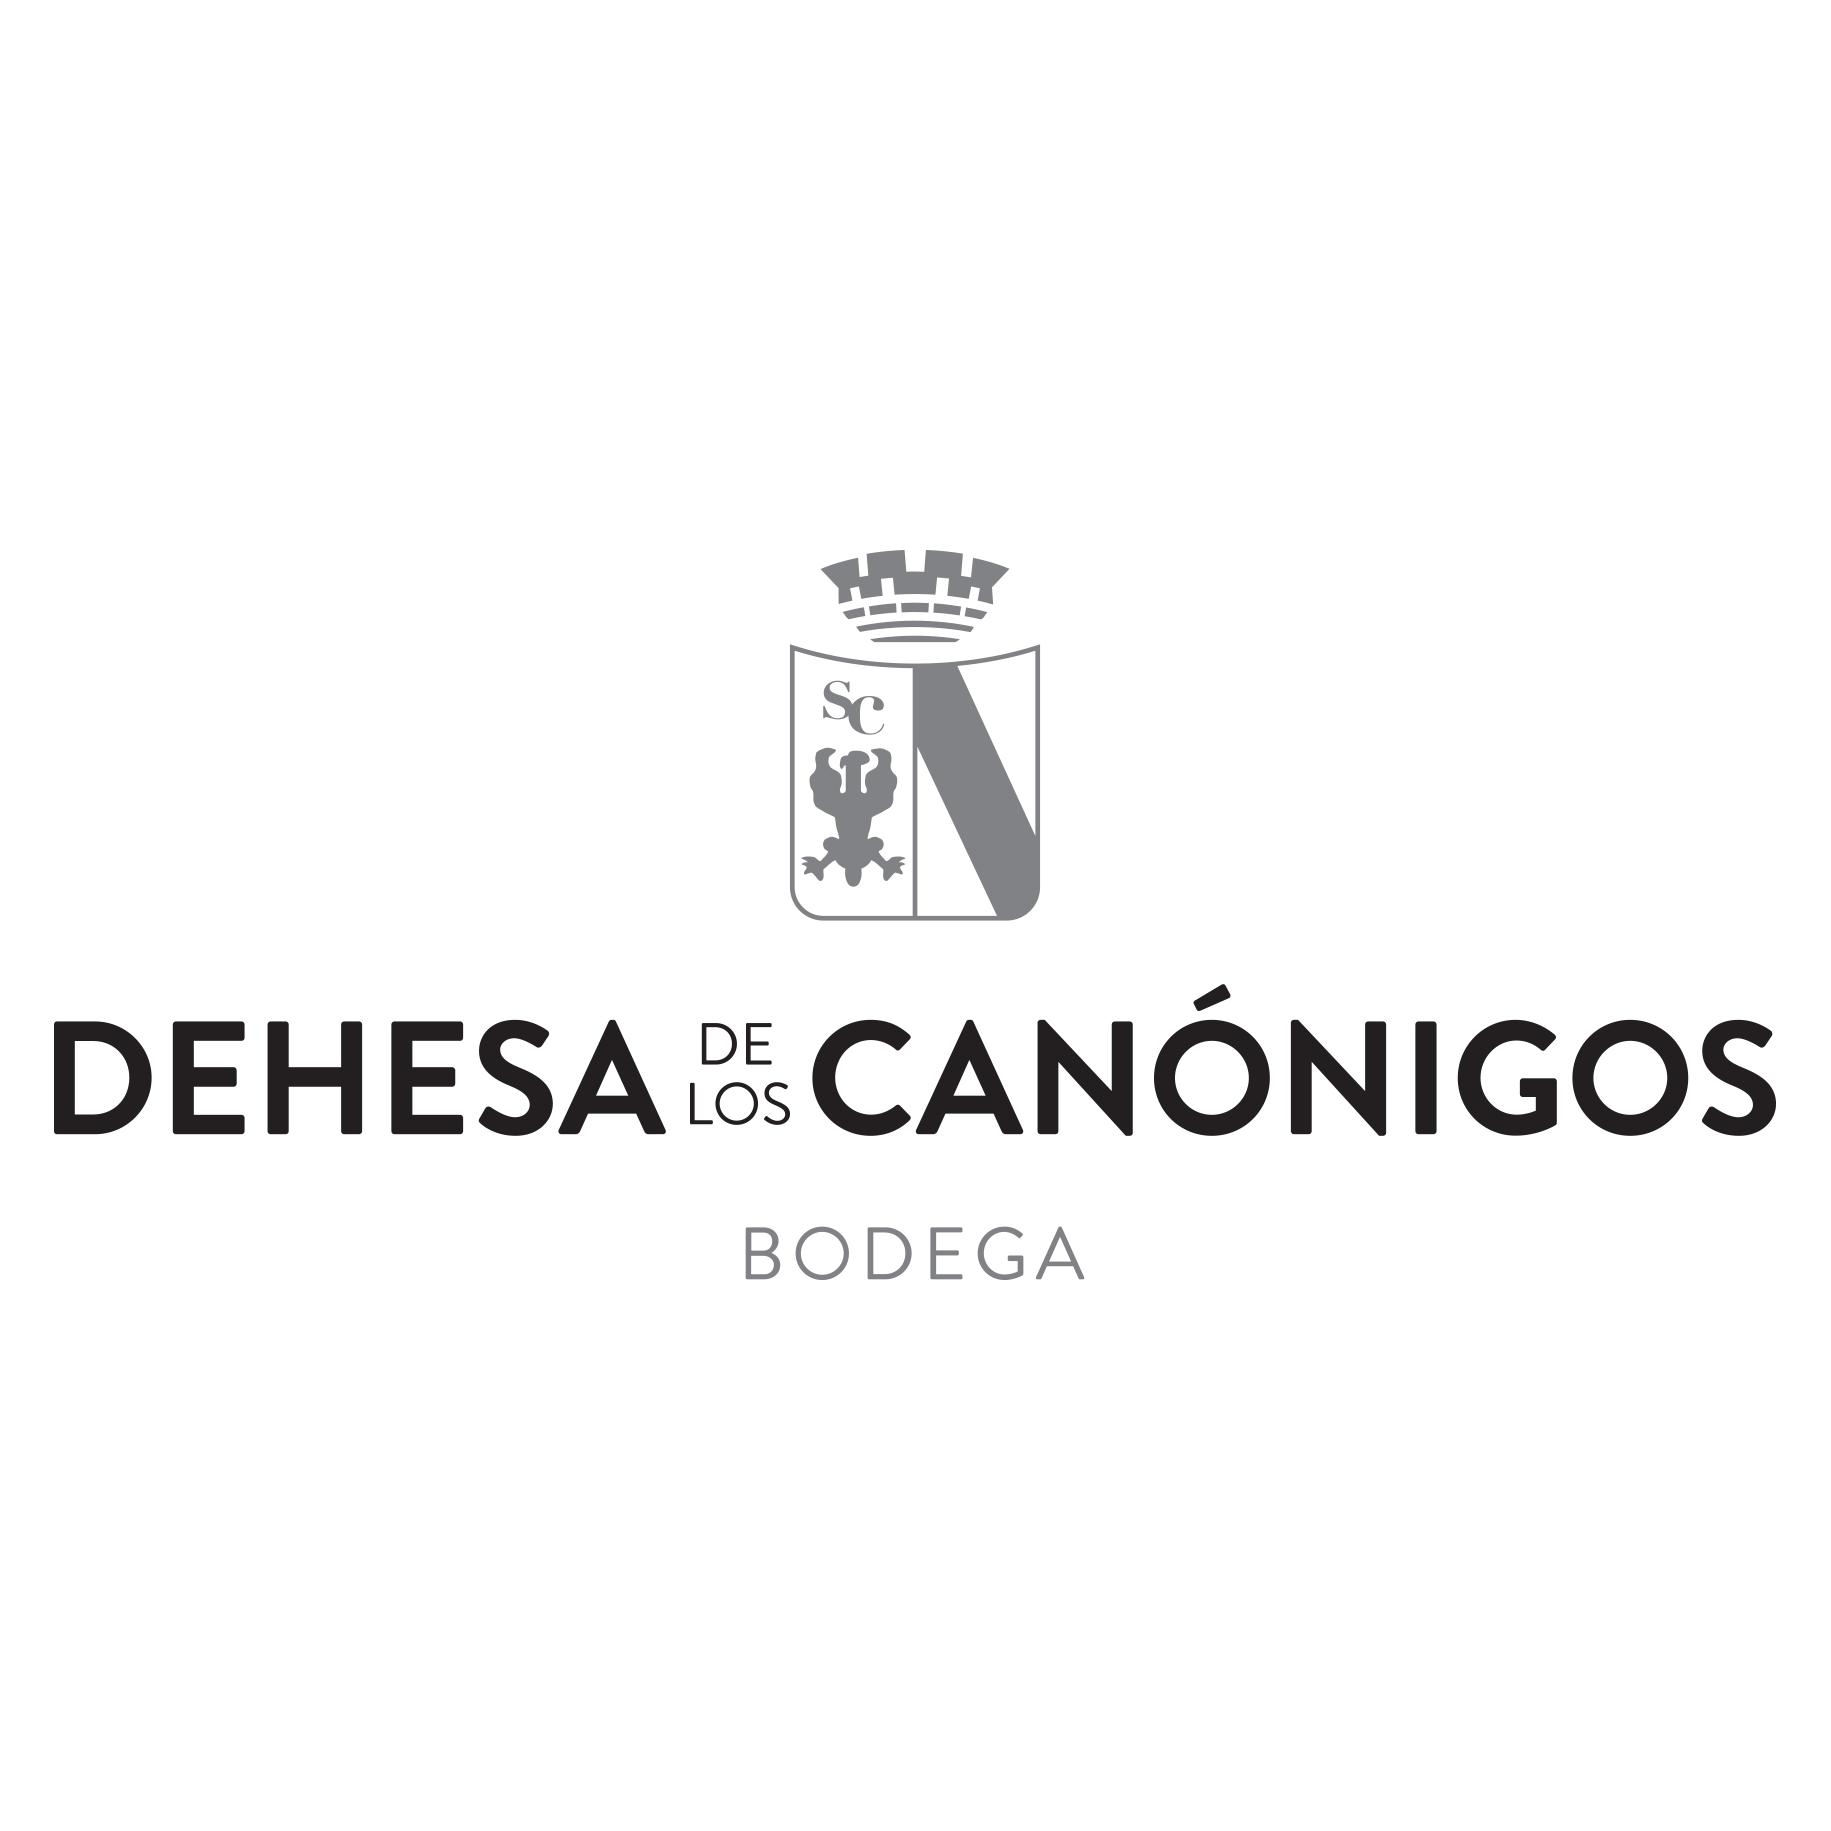 Logotipo Bodega Dehesa de los Canónigos